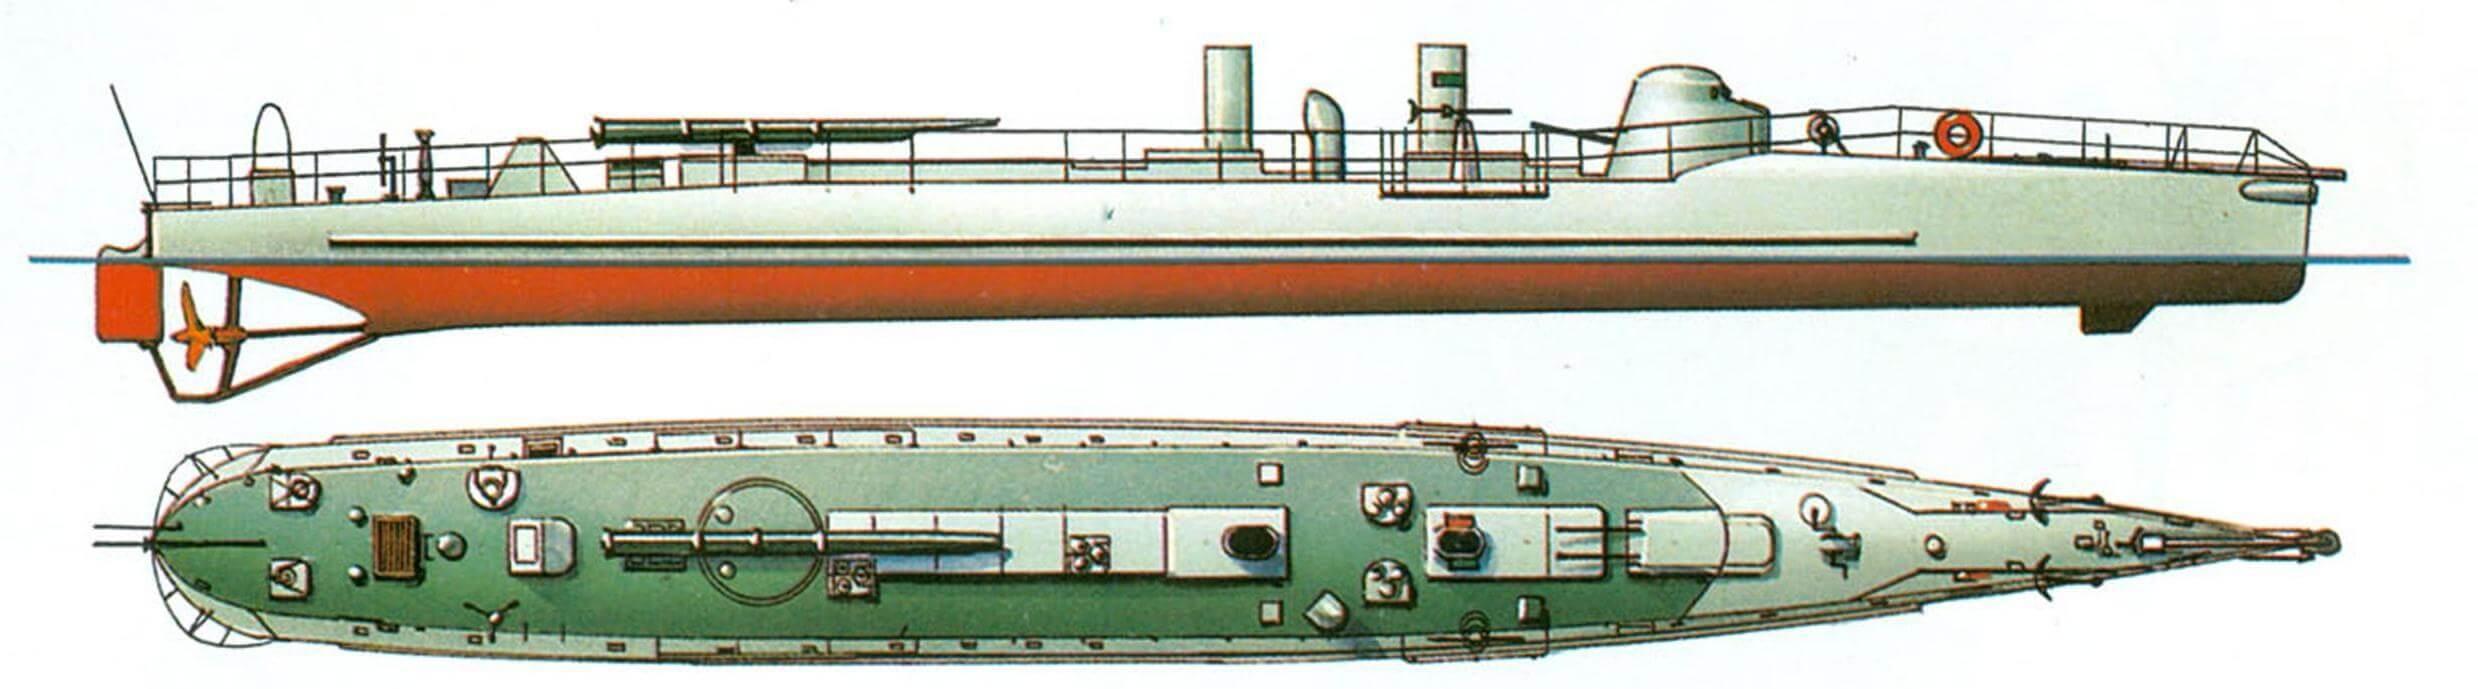 63. Миноносец № 221, Франция, 1897 г.